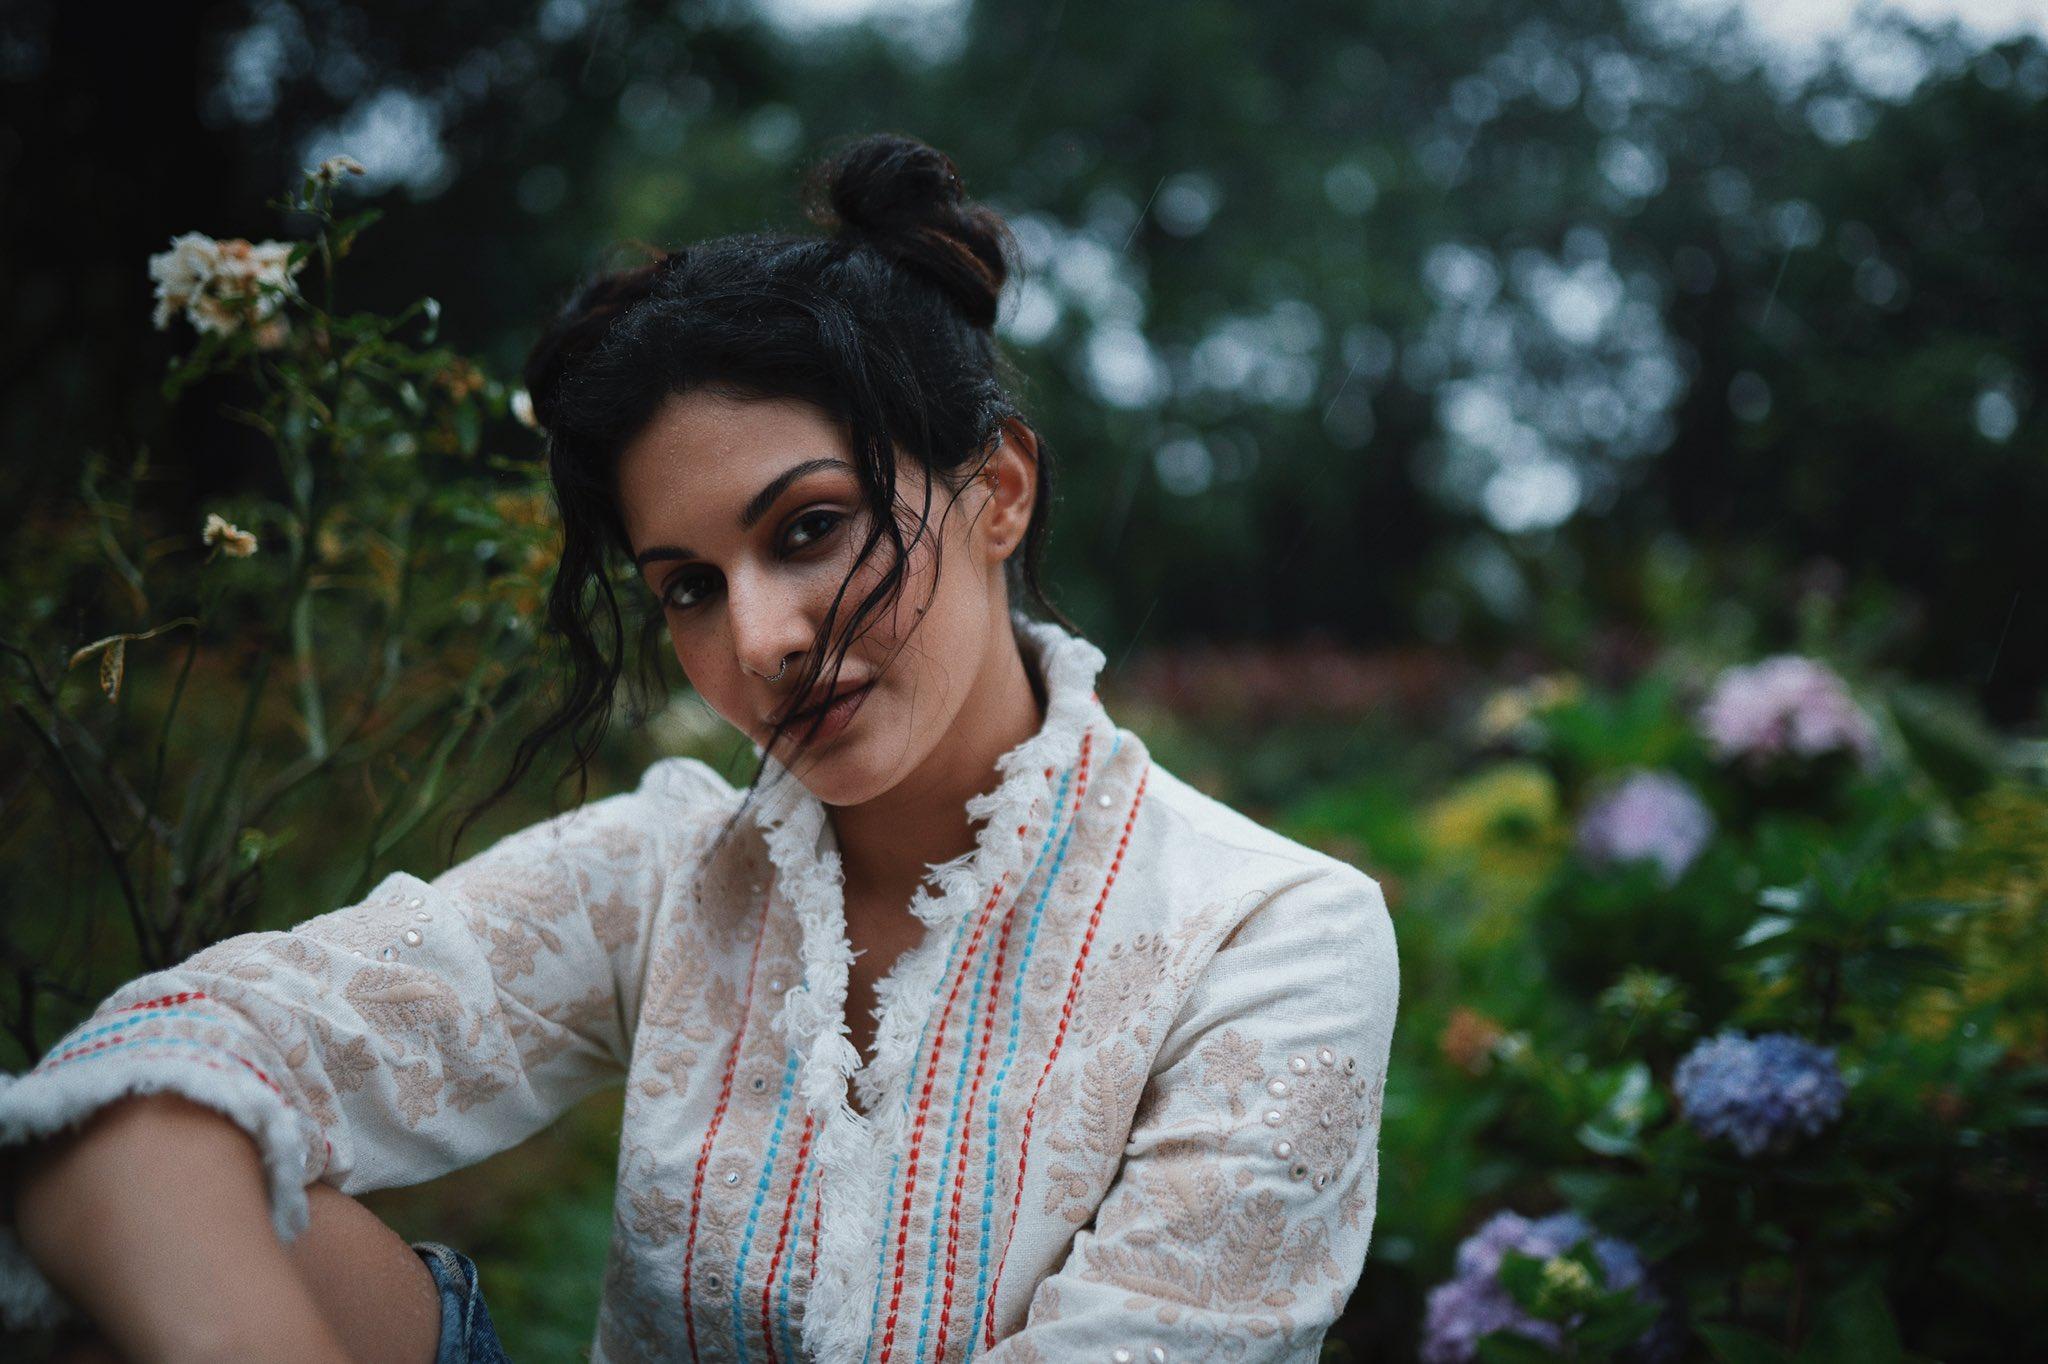 Amyra Dastur Latest Pics, Amyra Dastur hot pics, Amyra Dastur sexy pics, Amyra Dastur cute pics